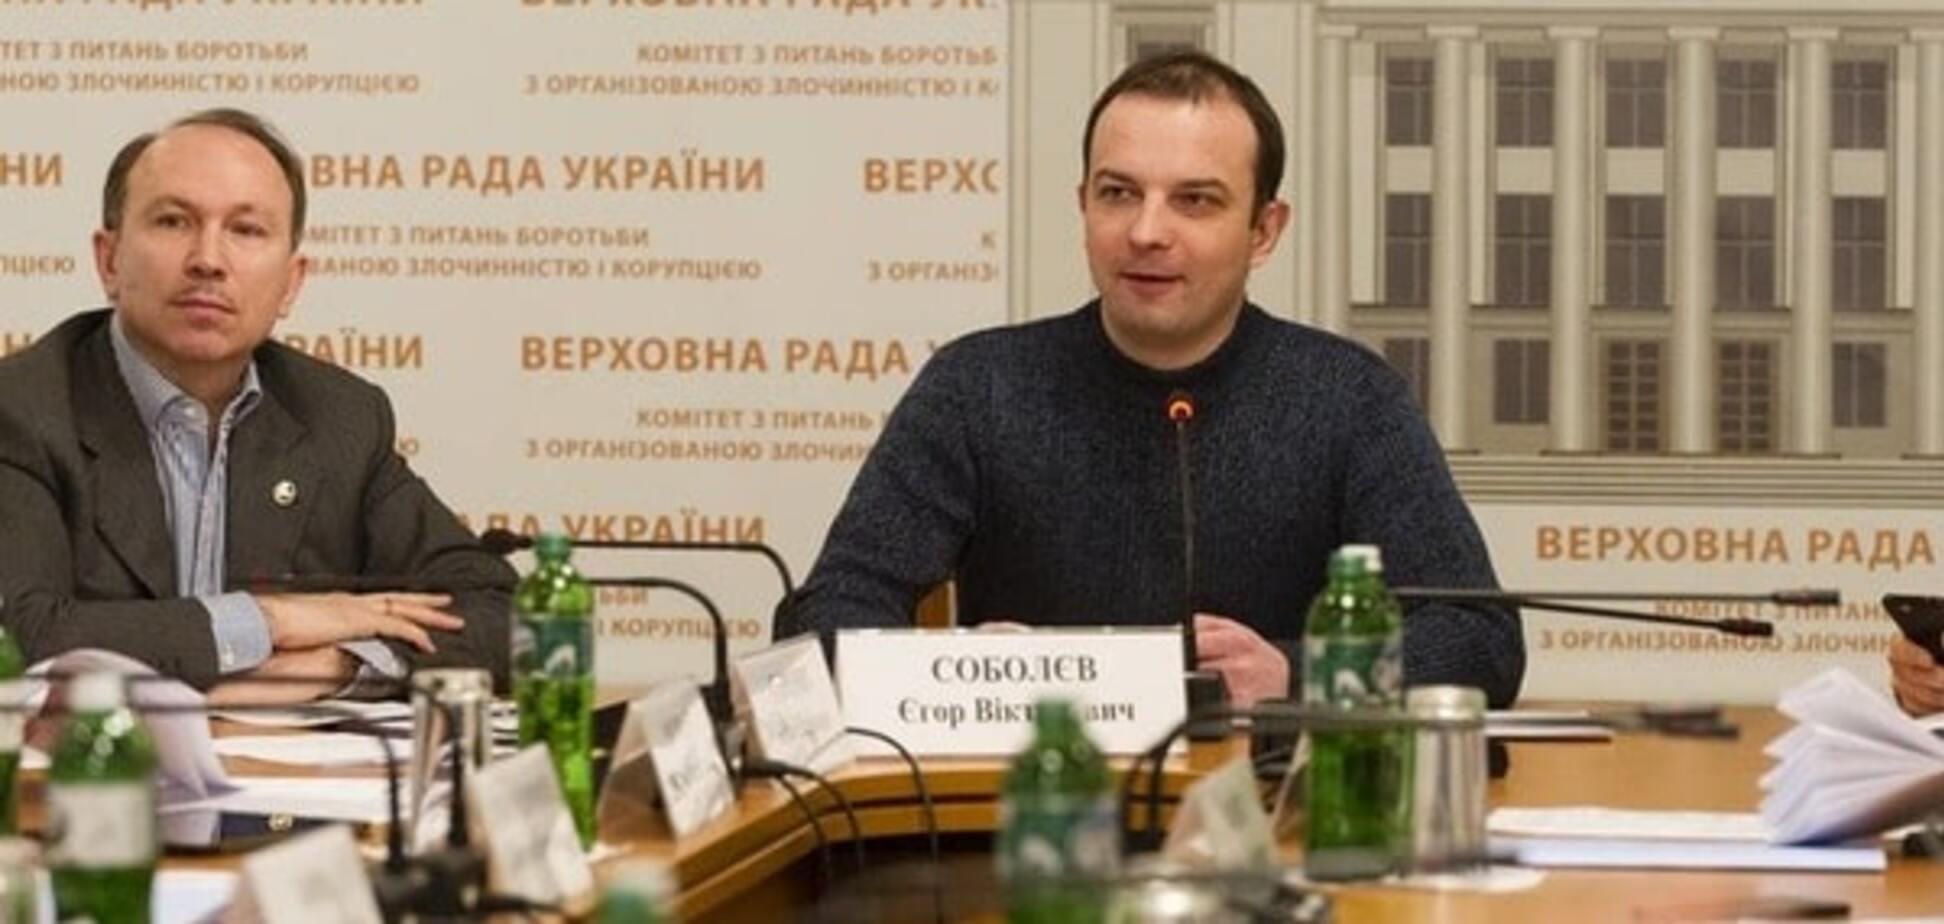 ГПУ просить Соболєва допомогти їй у самоочищенні